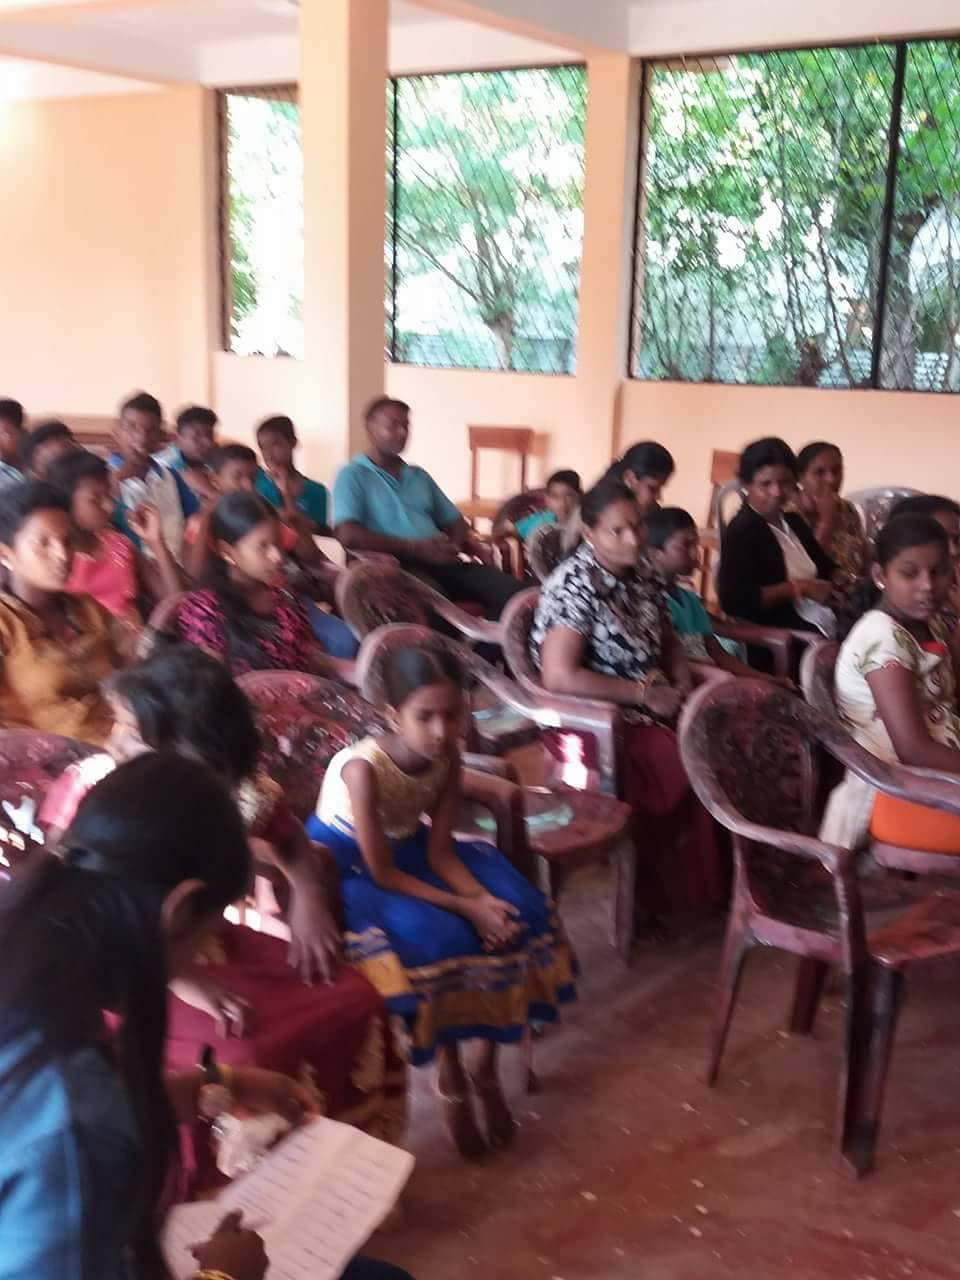 கோண்டாவில் பகுதியில் கல்வி பயிலும் மாணவர்களிற்கு கற்றல் உபகரணங்கள்!